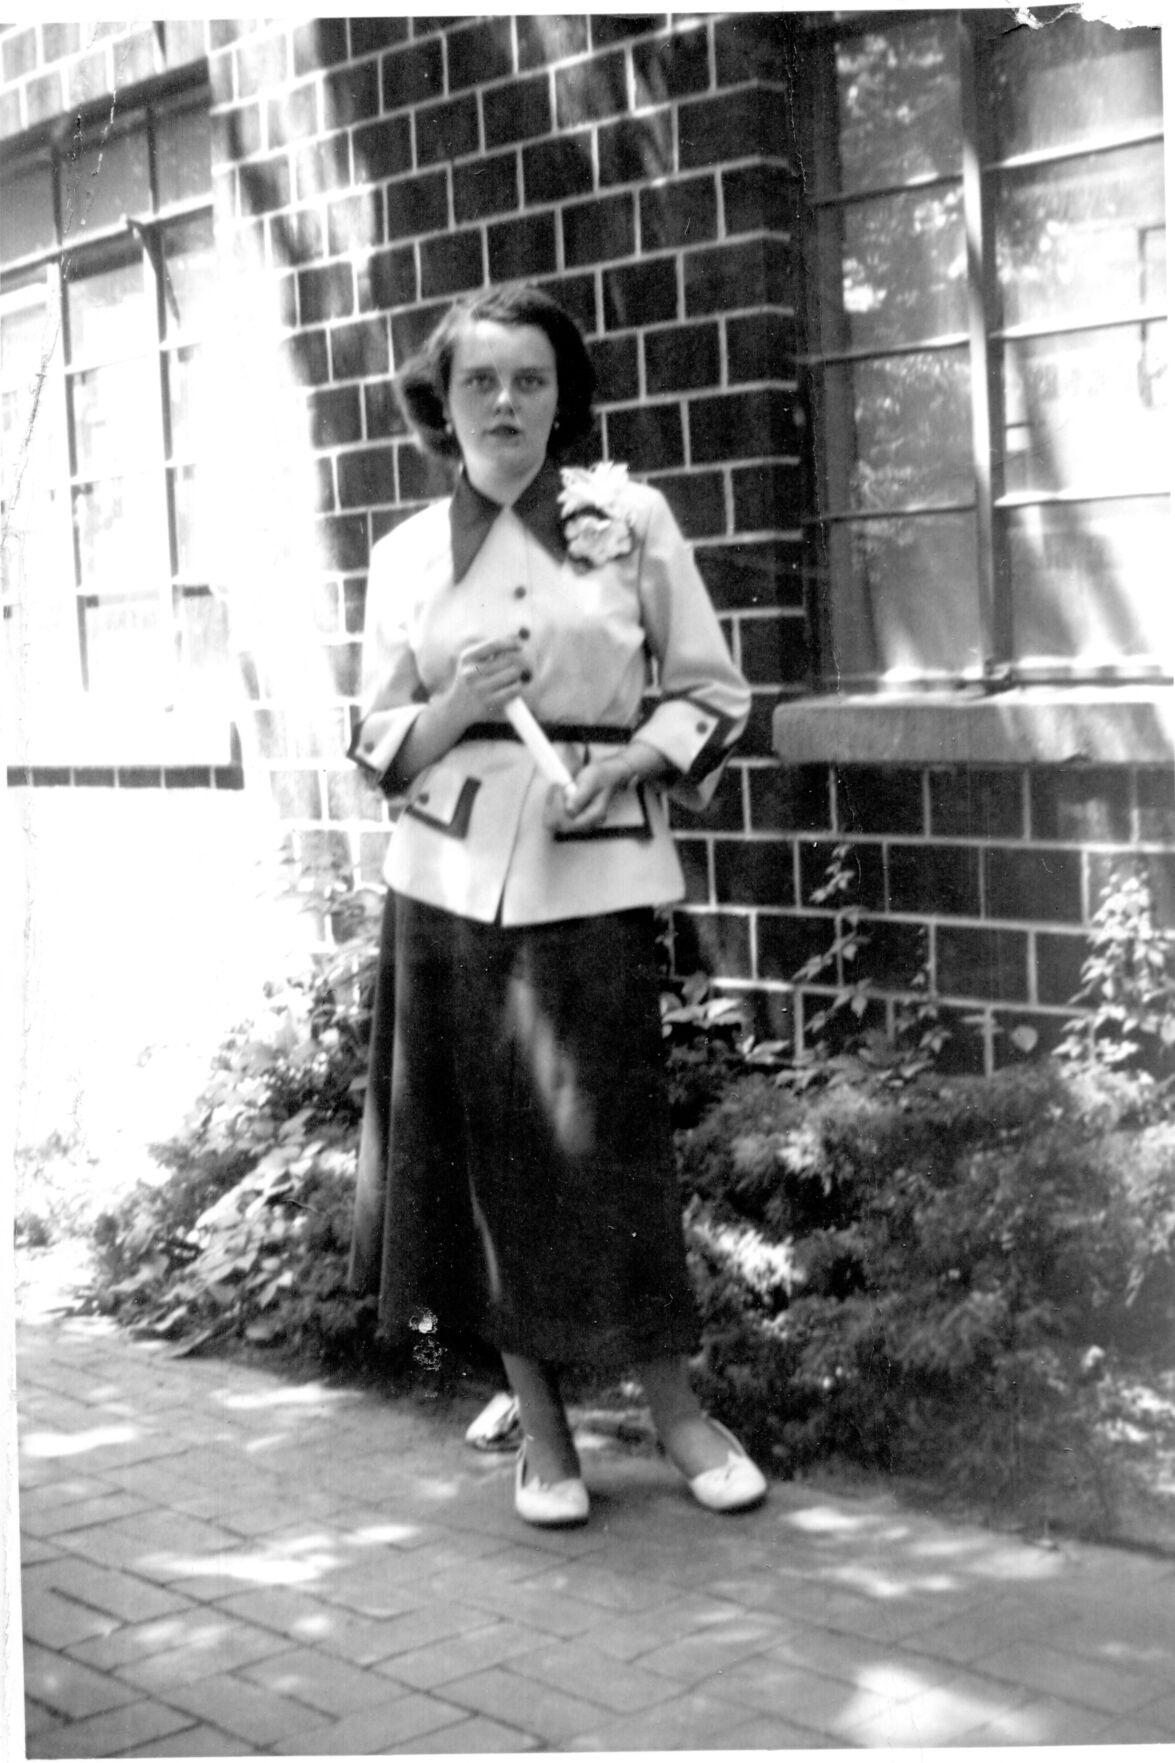 Marjorie Girnus Lessig before polio, age 14 (web)